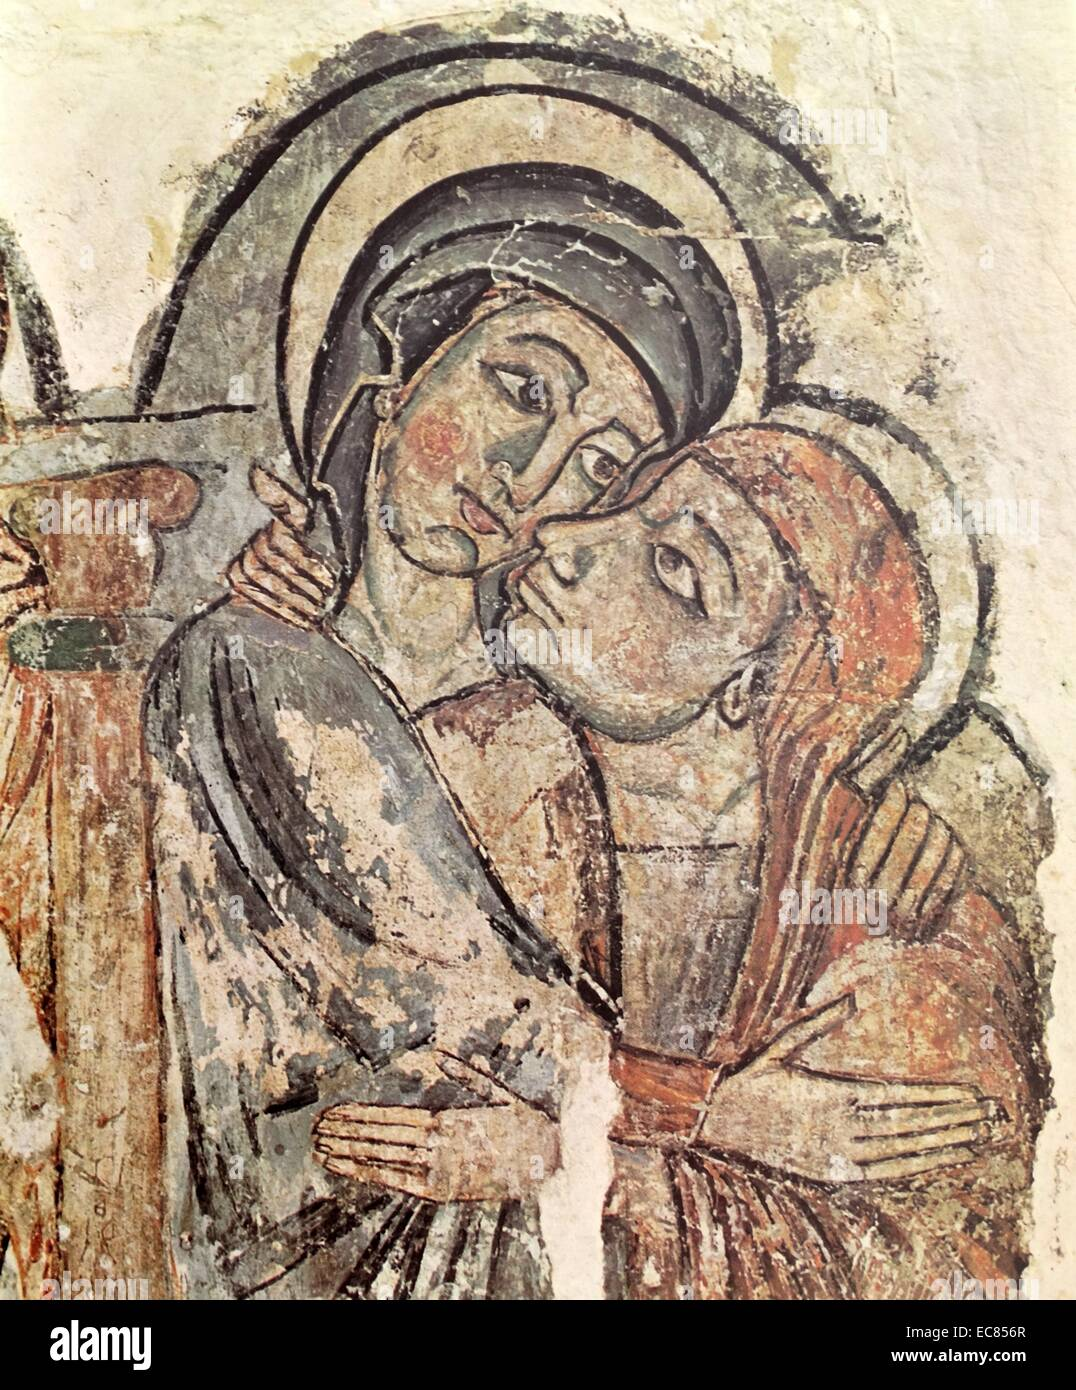 Fragmento de la visitación en Cataluña. Fecha del siglo 13. Imagen De Stock